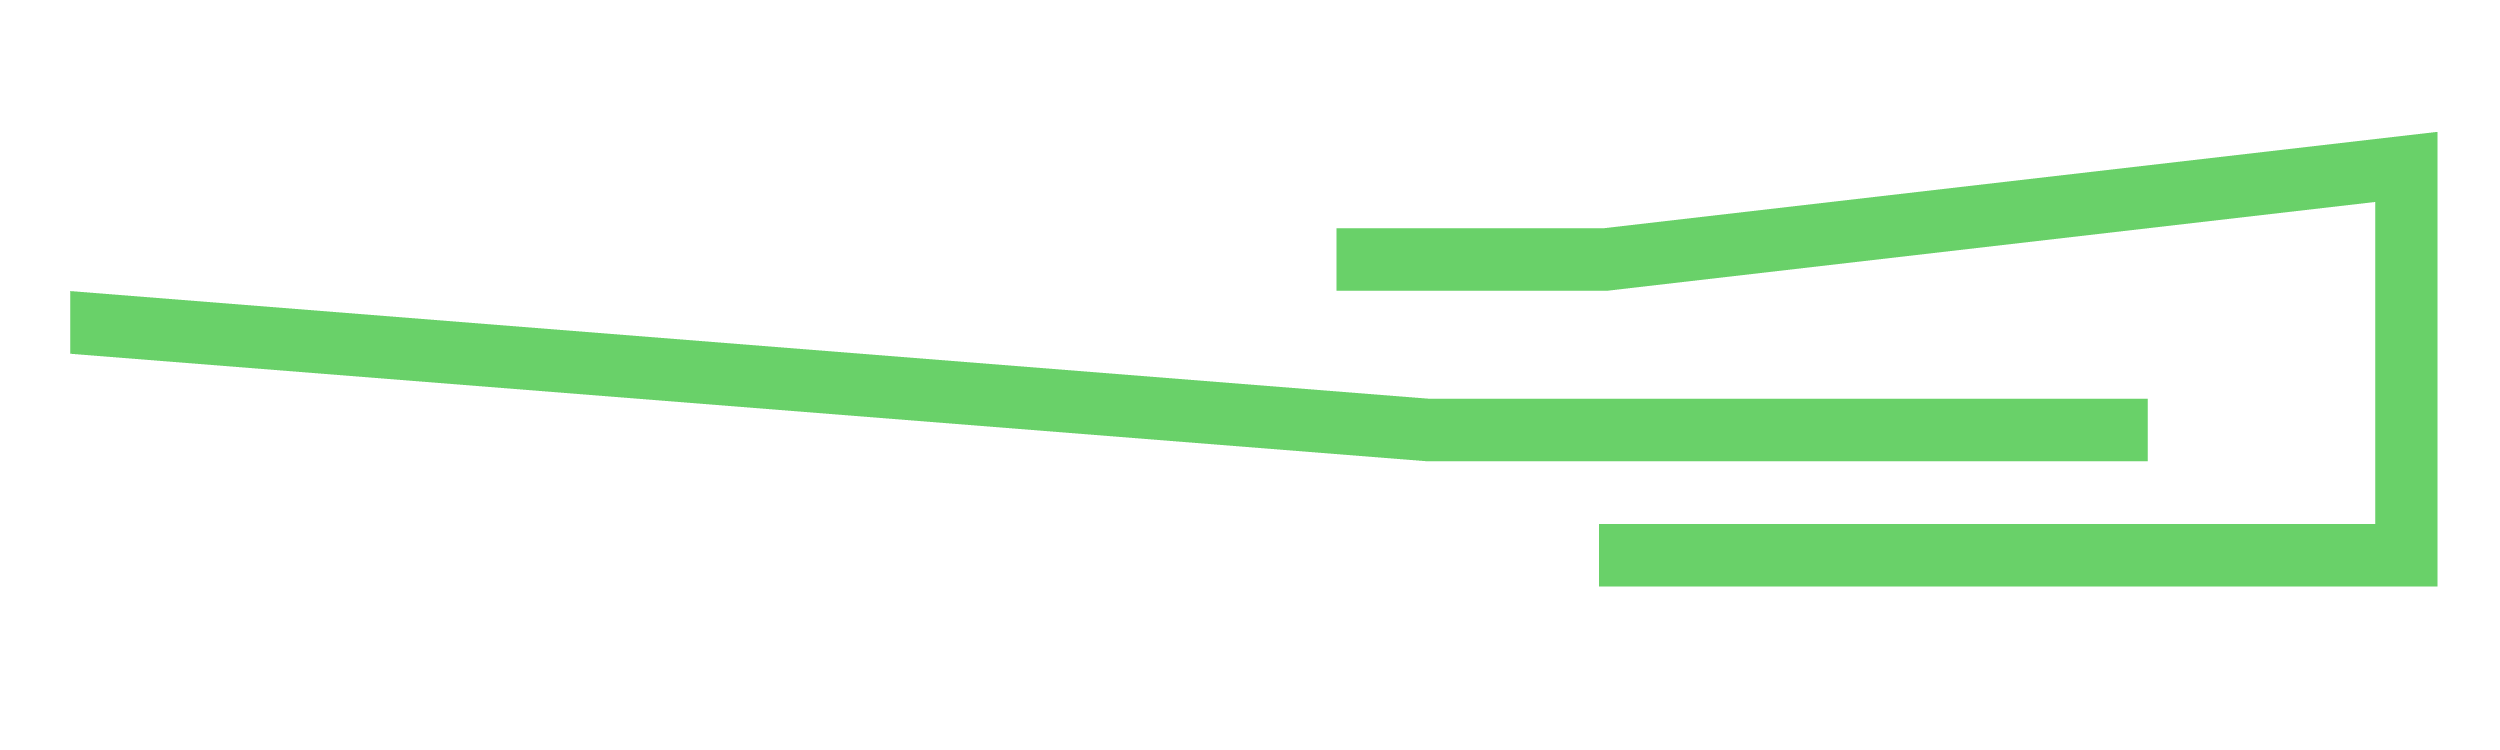 Νέο Υδροθεραπευτήριο Ιαματικού Νερού στο Λουτράκι Κορινθίας - Διάγραμμα